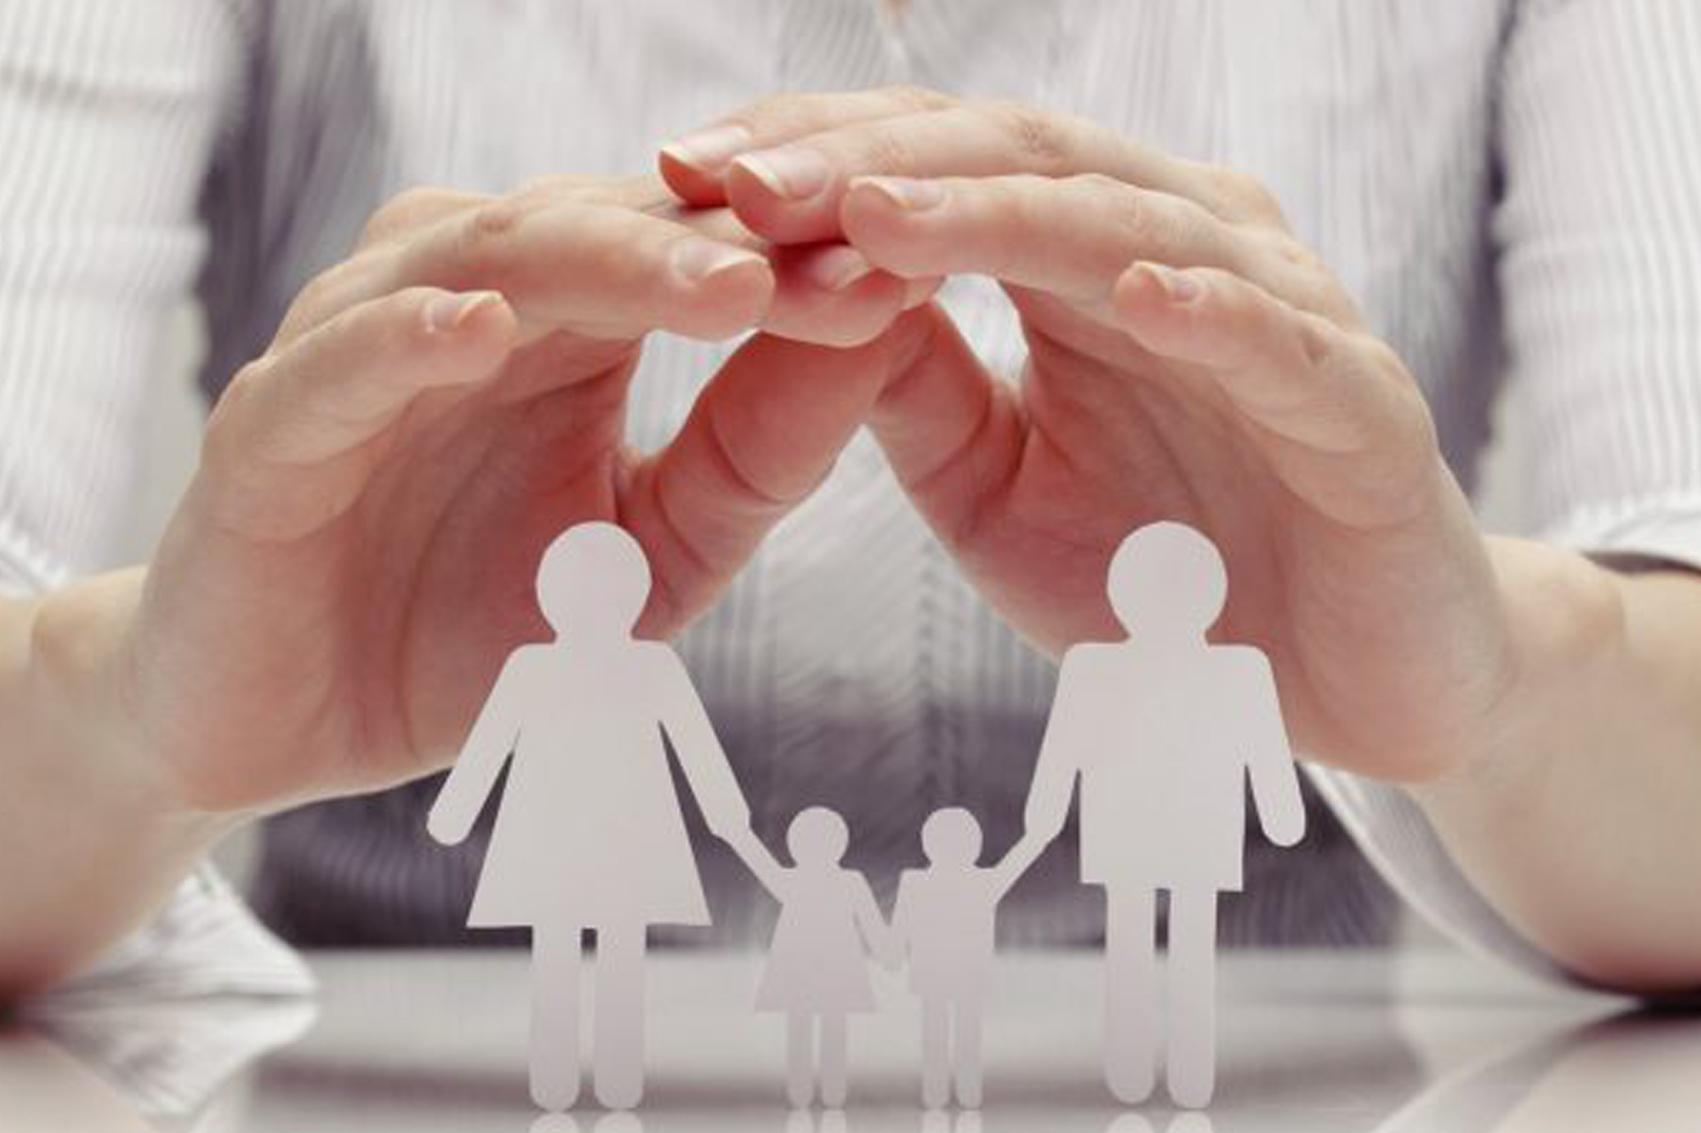 الإرشاد الأسري من منظور اجتماعي